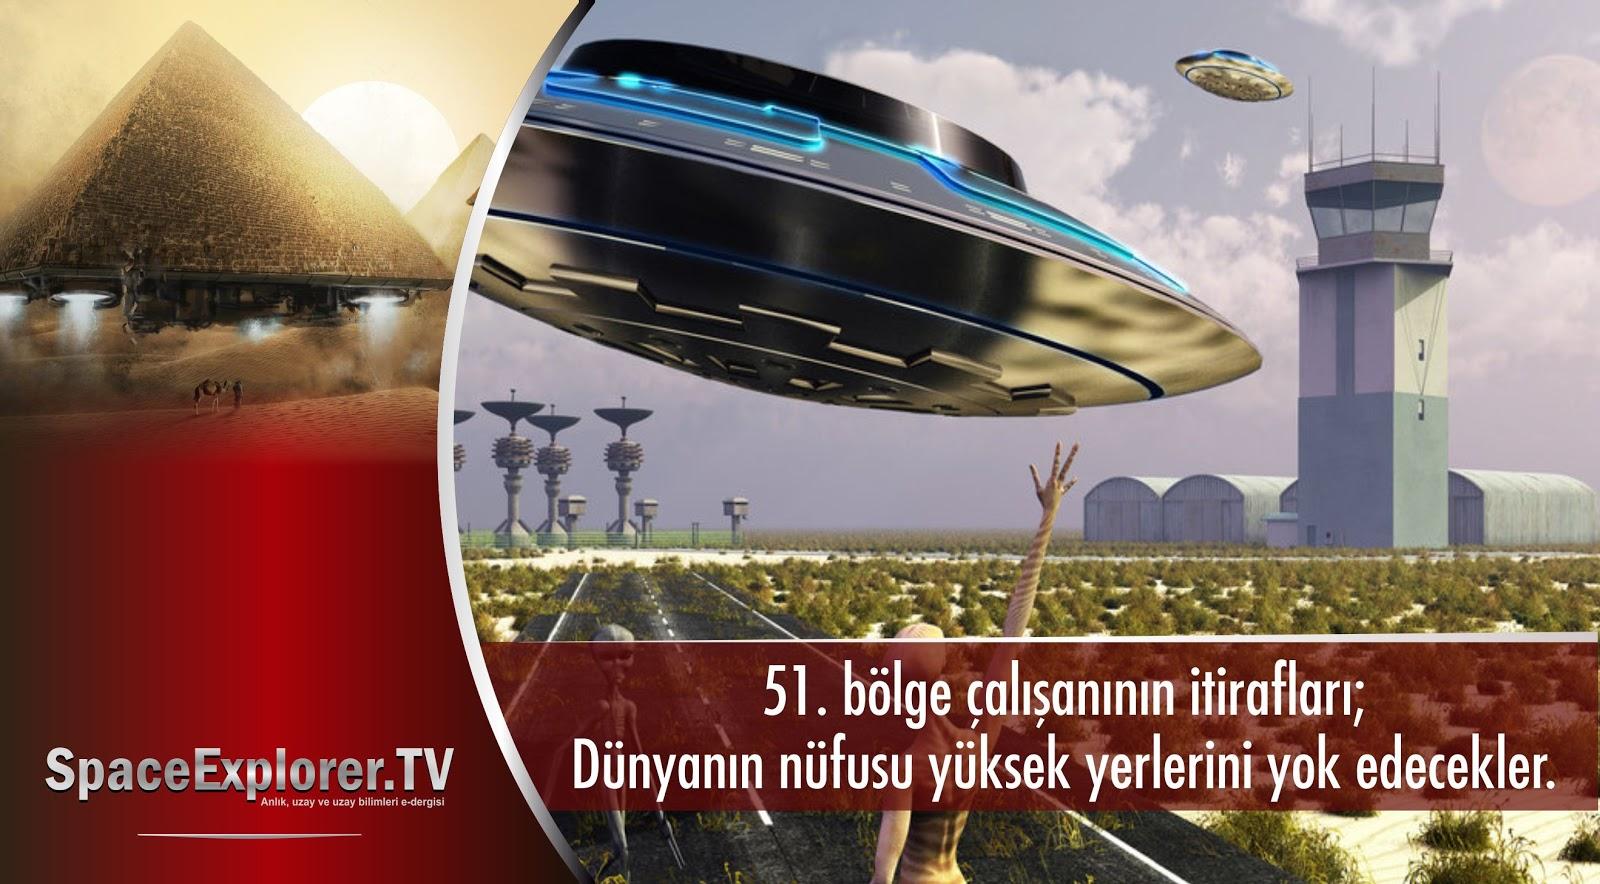 Videolar, 51. Bölge, Uzayda hayat var mı?, Evrende yalnız mıyız?, Bilim insanlarının itirafları, yer altı üsleri, Dünyada uzaylı var mı, Aramızdaki uzaylılar, Teknolojimizi uzaylılardan aldık,